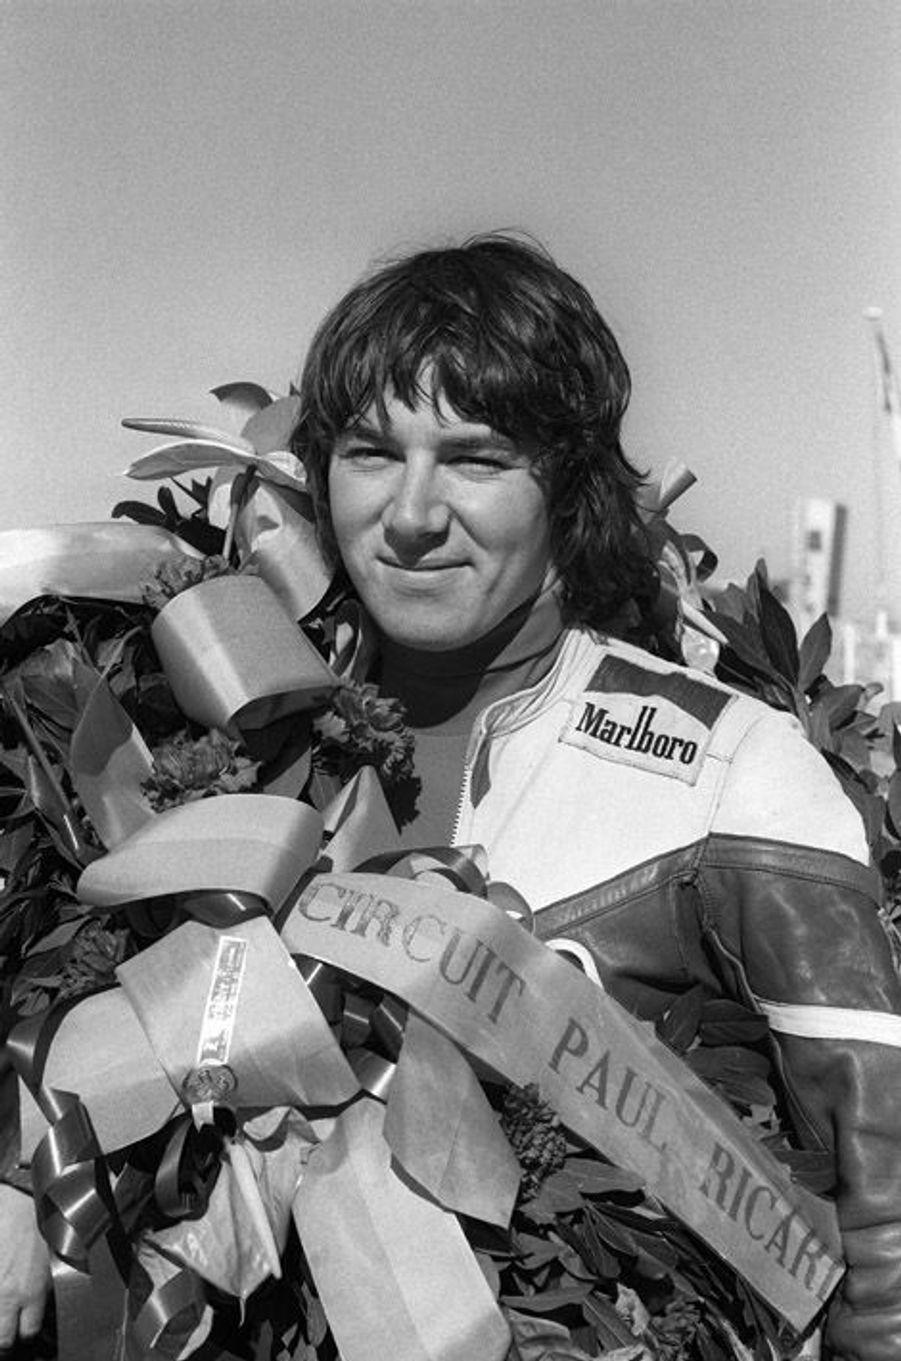 Photo datée du 26 avril 1977 de Christian Estrosi, vainqueur d'une course sur le circuit Paul Ricard, au Castellet.